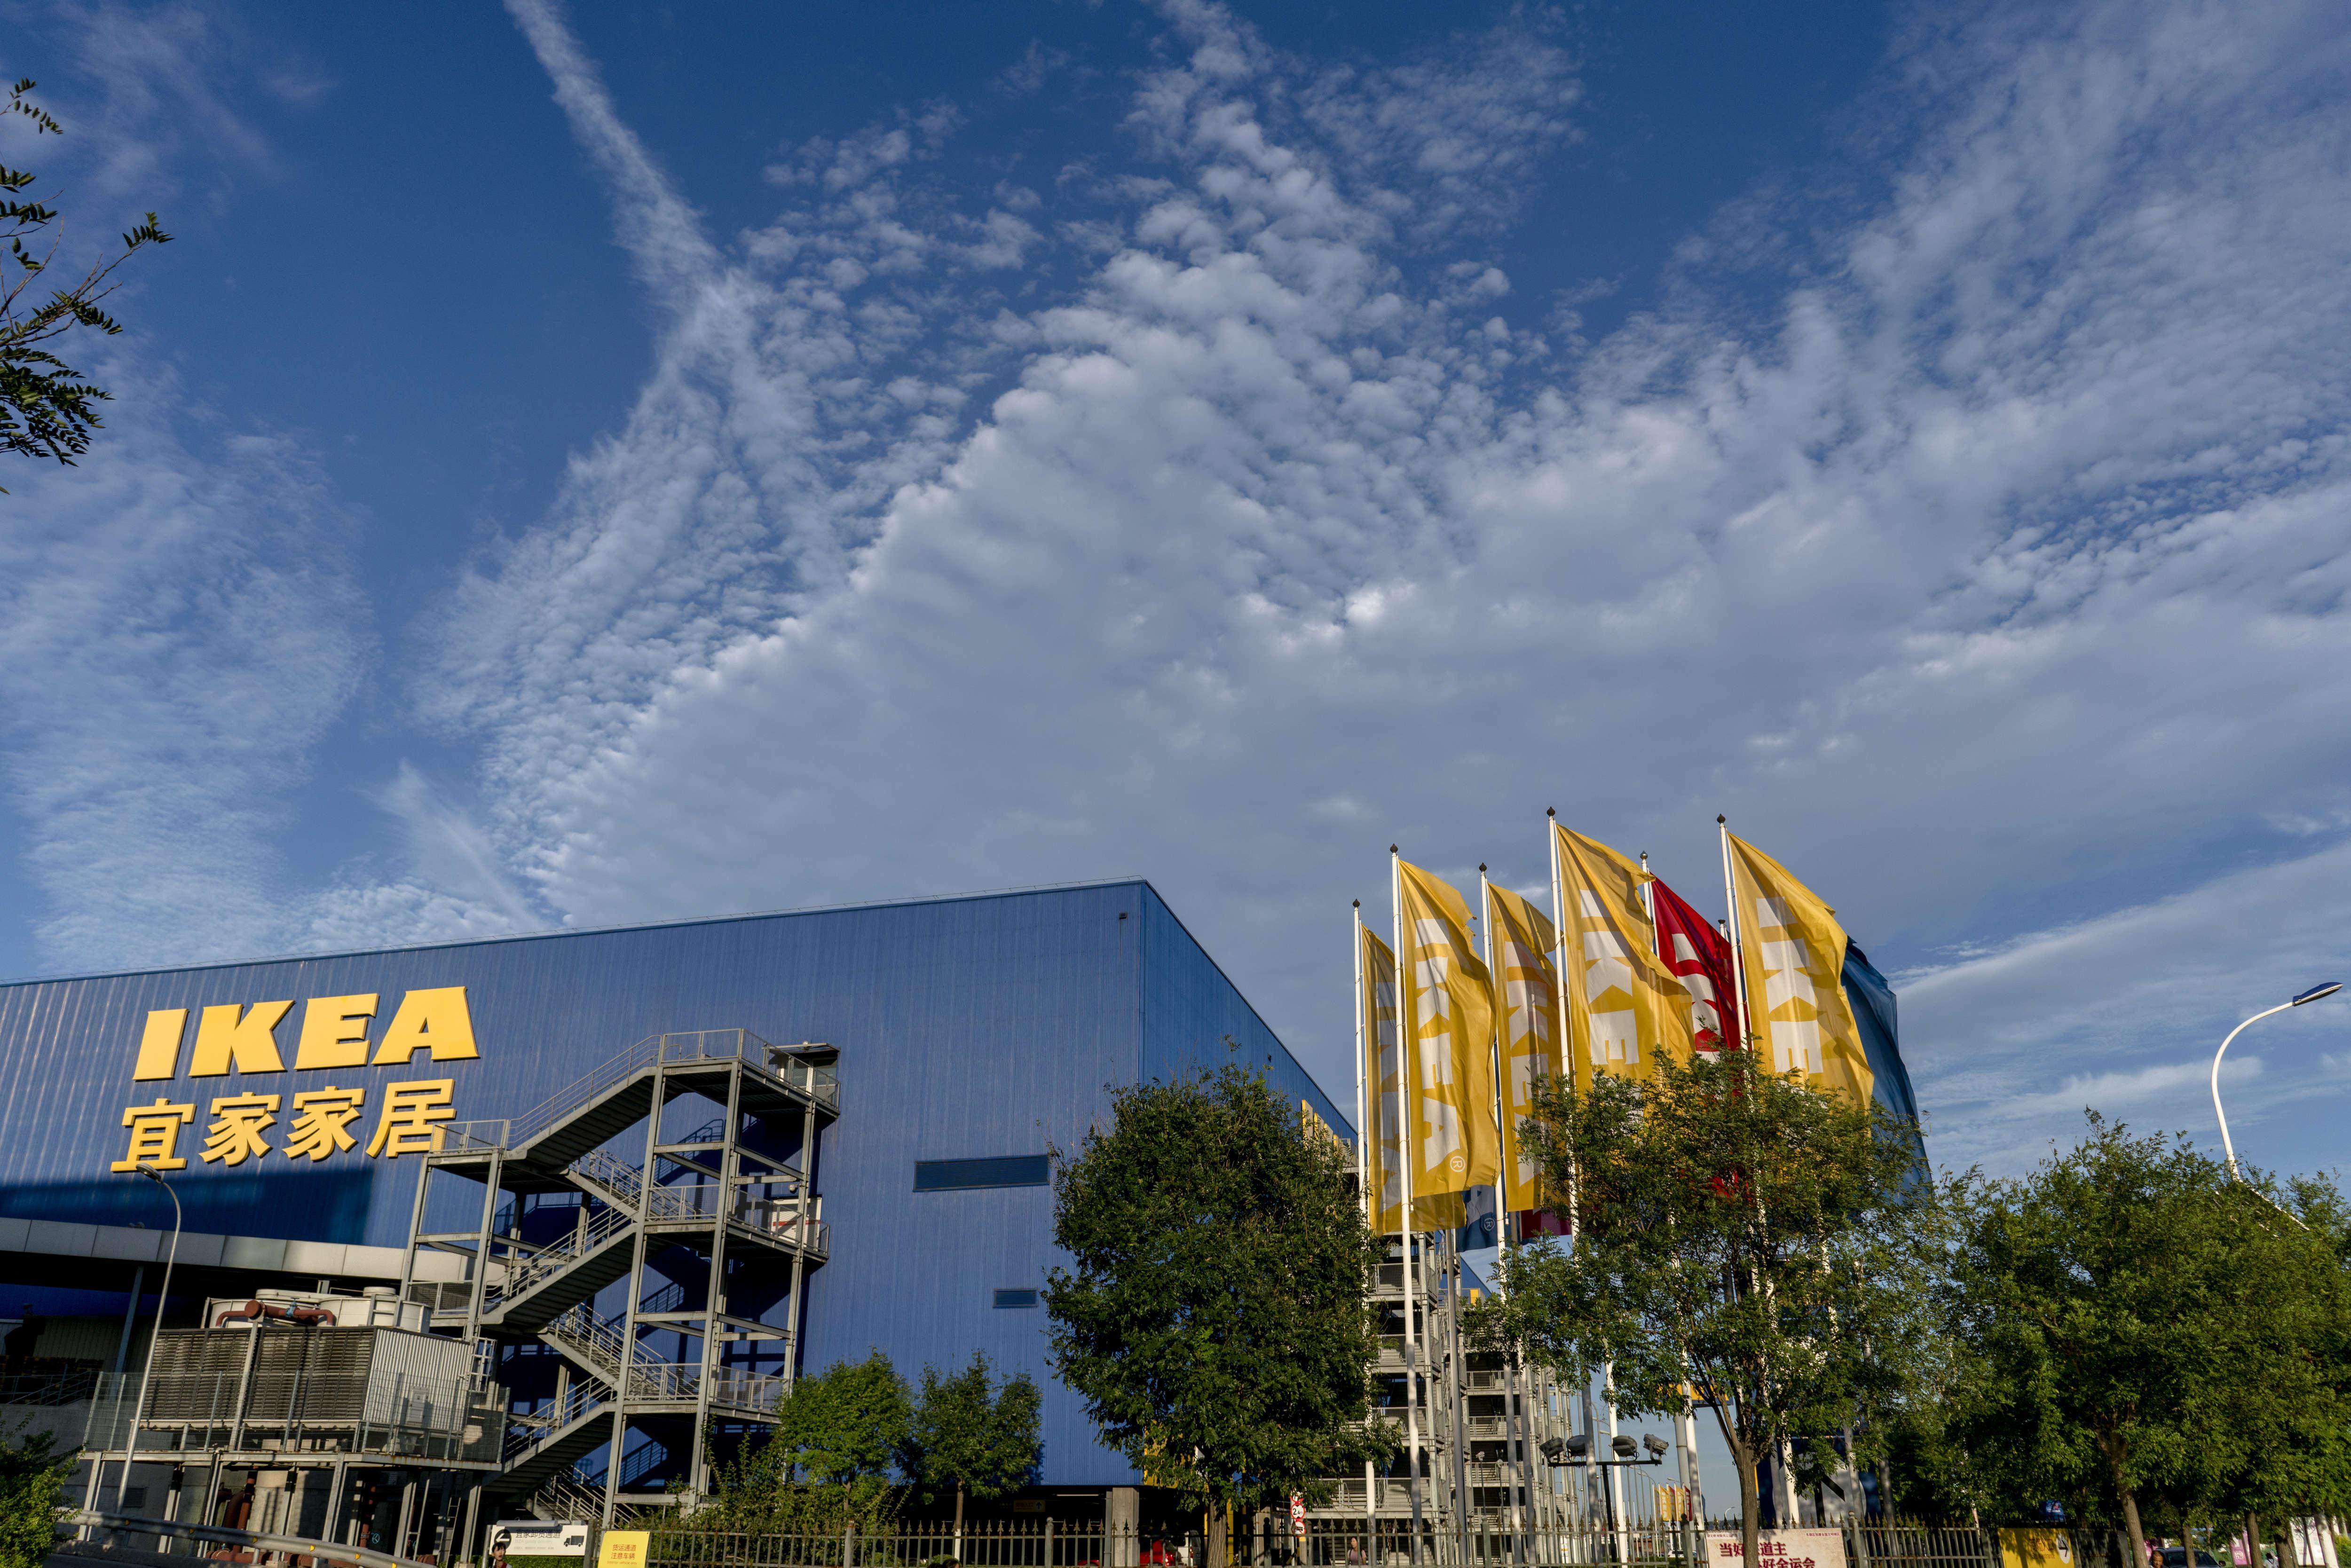 An IKEA shop in the suburb of Tianjin city.   A financial